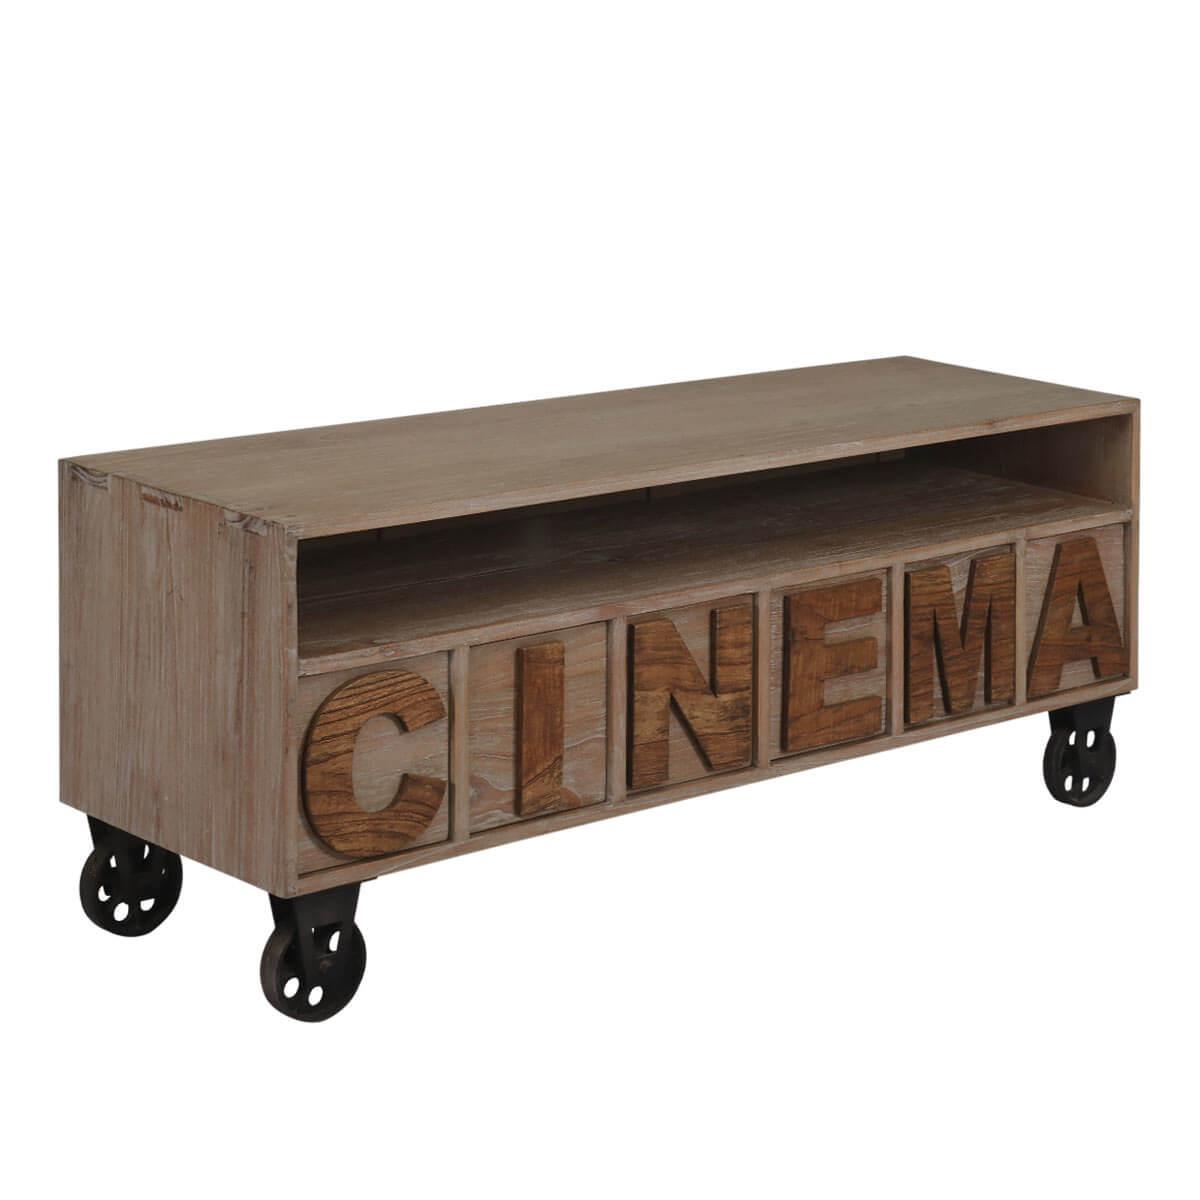 Racine Reclaimed Teak Wood 6 Drawer Open Shelf Industrial Tv Stand